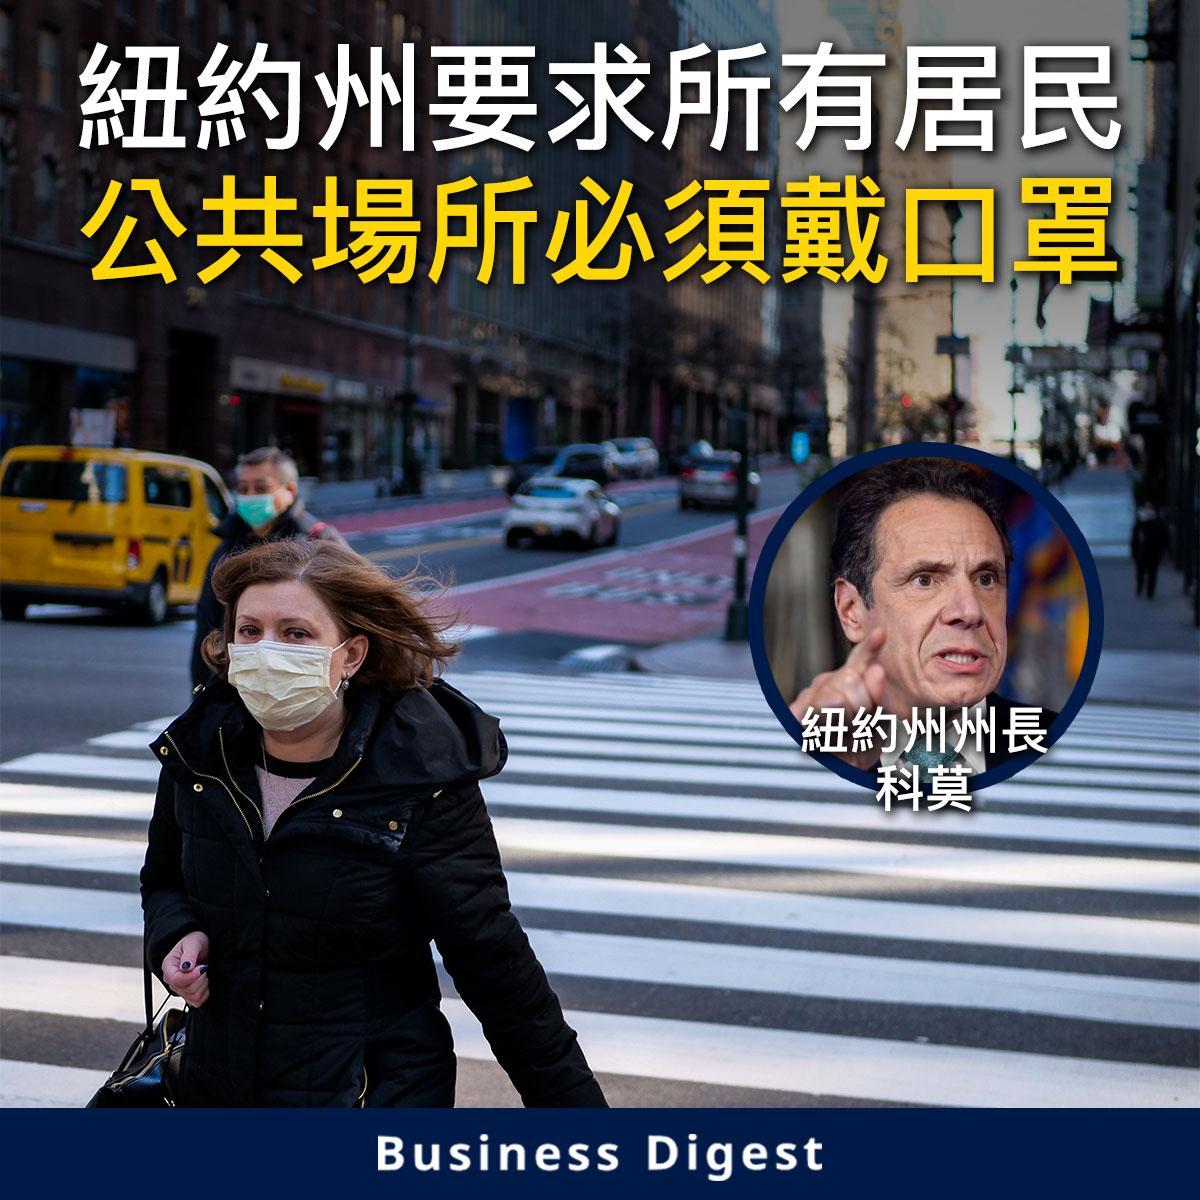 【武漢肺炎】紐約州要求所有居民公共場所必須戴口罩